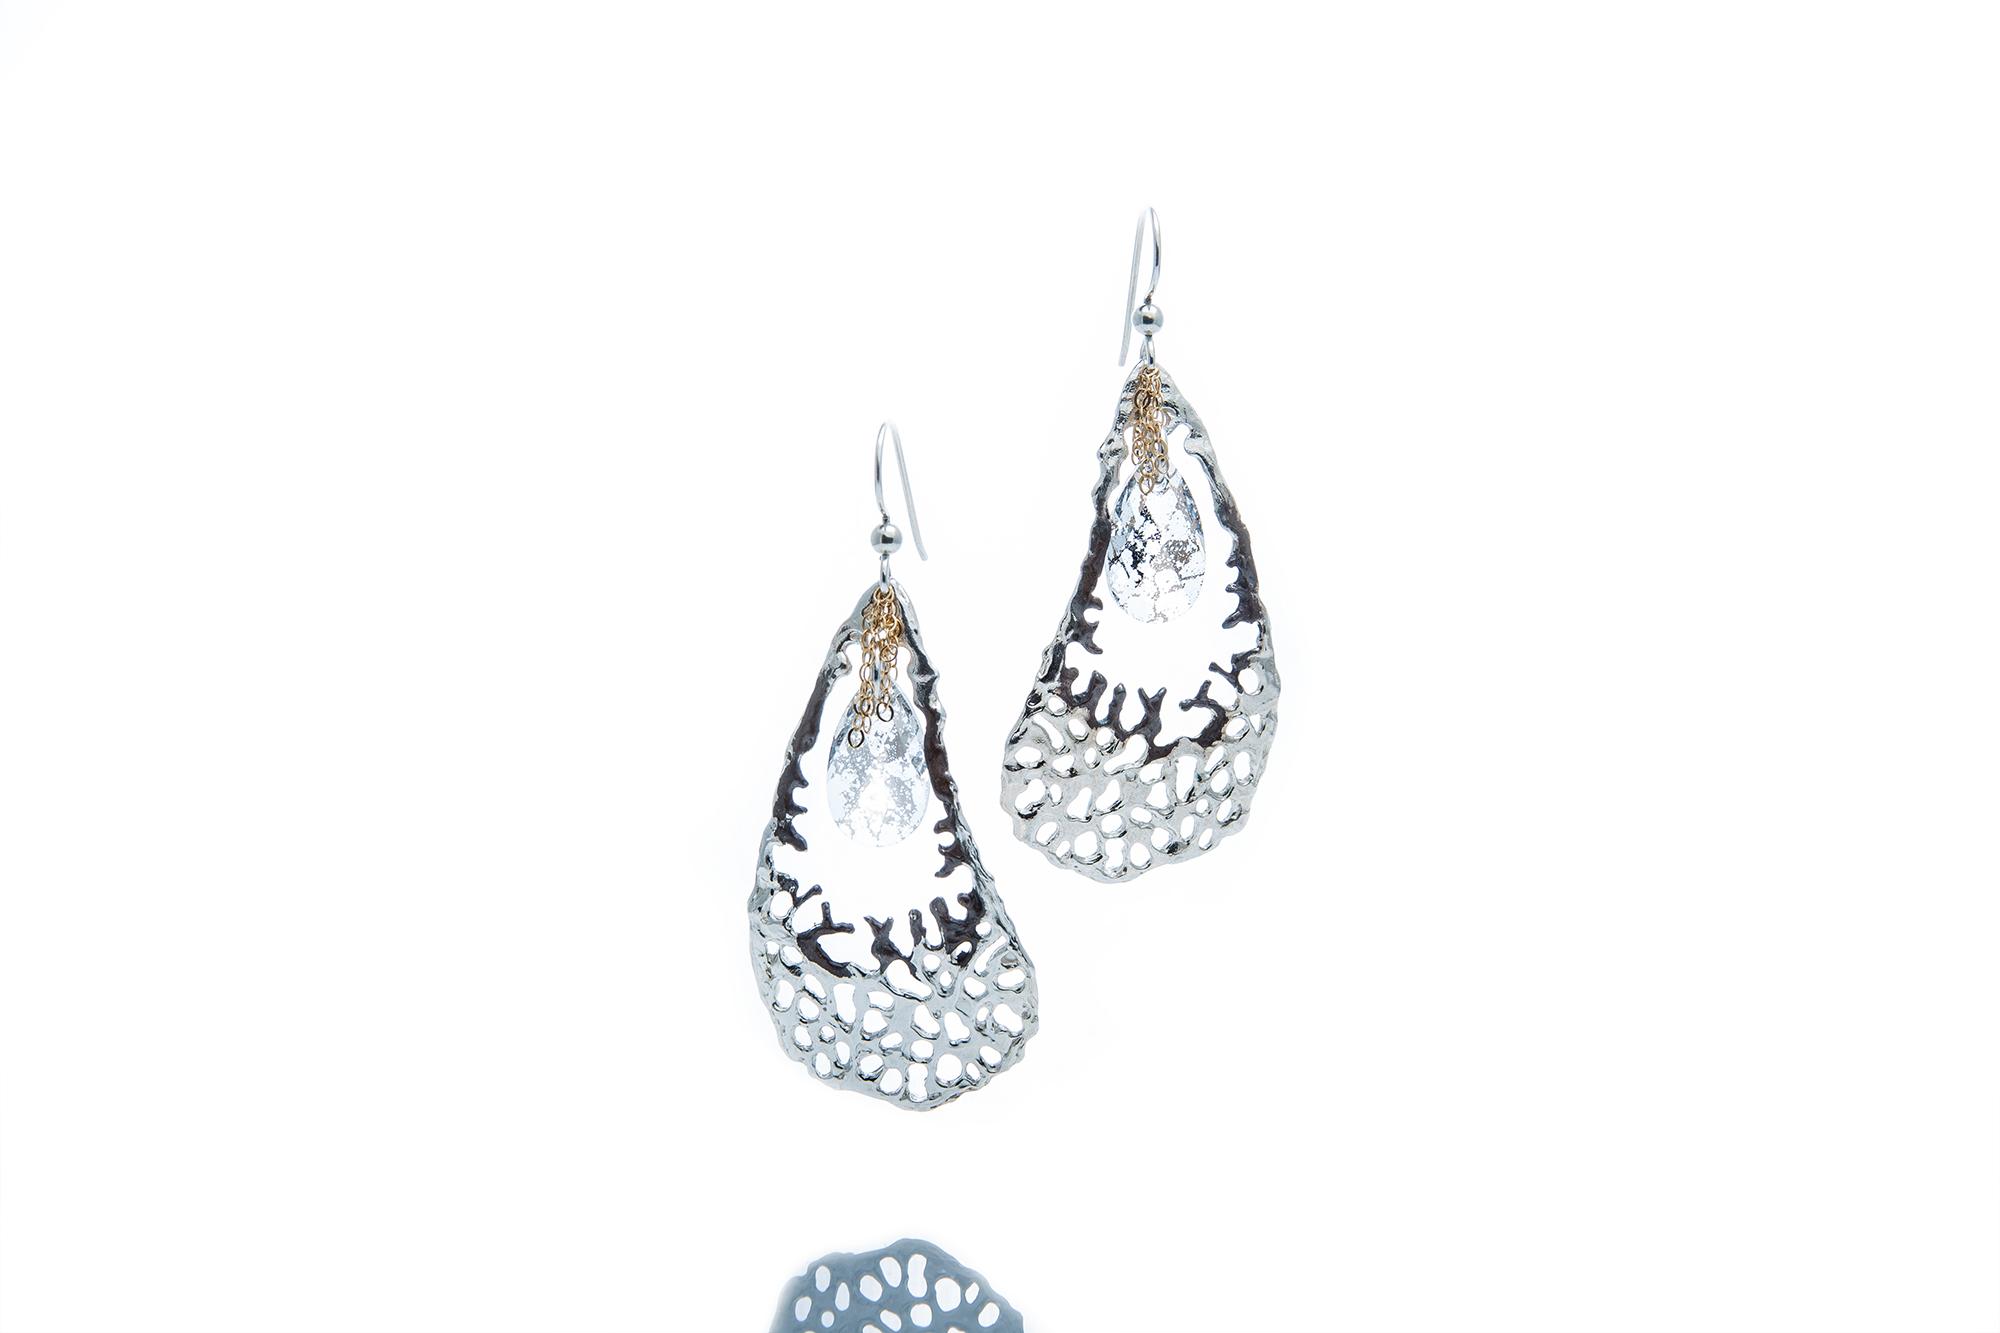 Sterling Silver Statement earrings